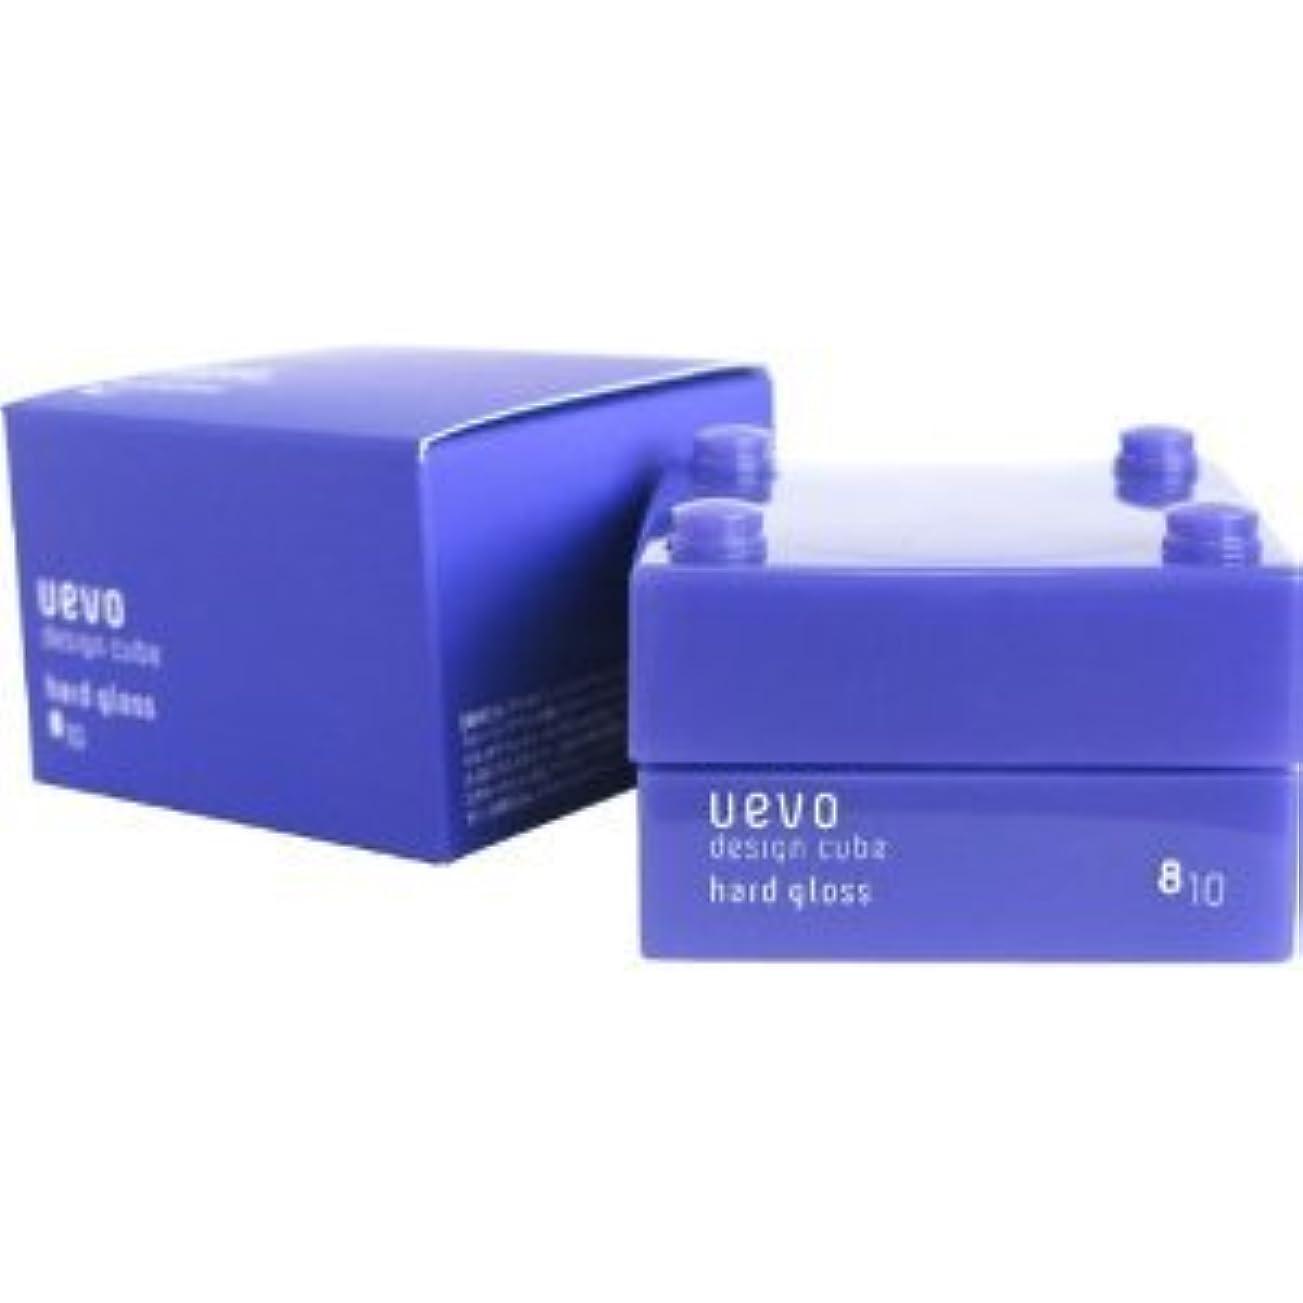 継続中自動的に昆虫を見る【X3個セット】 デミ ウェーボ デザインキューブ ハードグロス 30g hard gloss DEMI uevo design cube